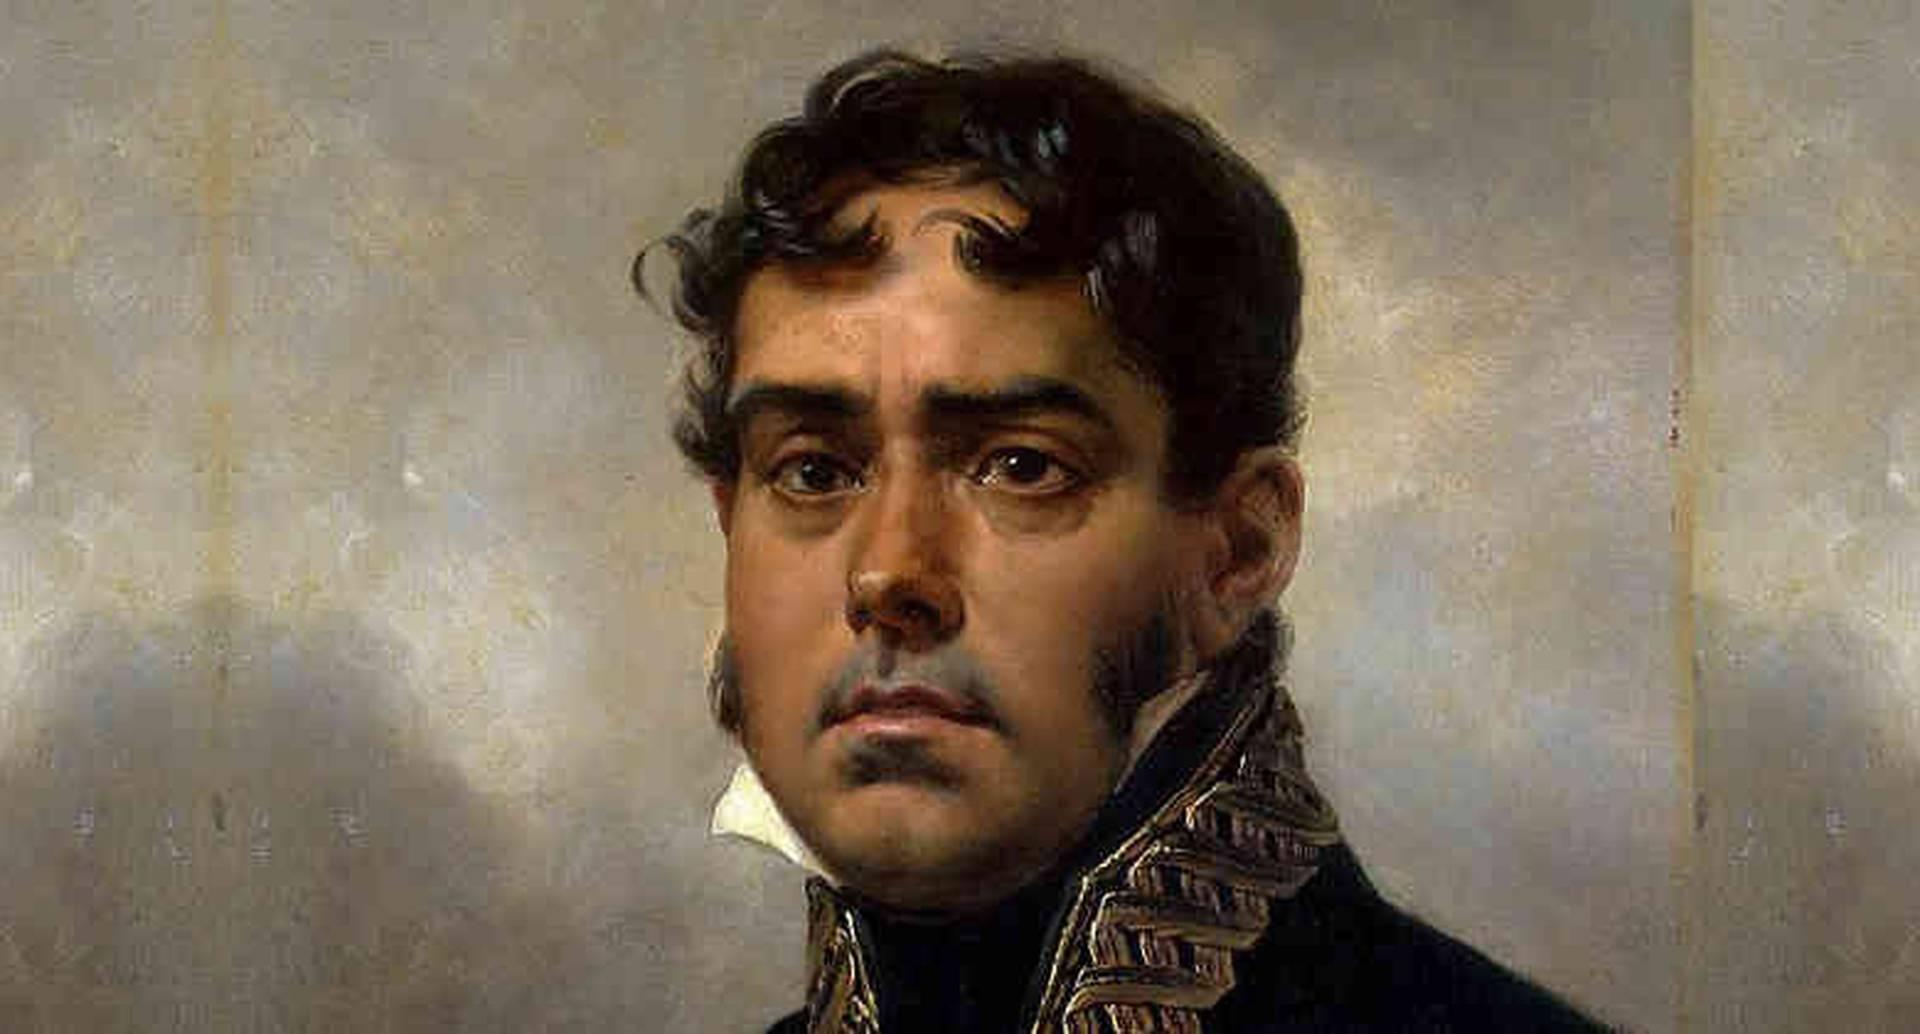 Pablo Morillo nació en un pueblo humilde de España en 1775 y murió en 1837 en Francia.